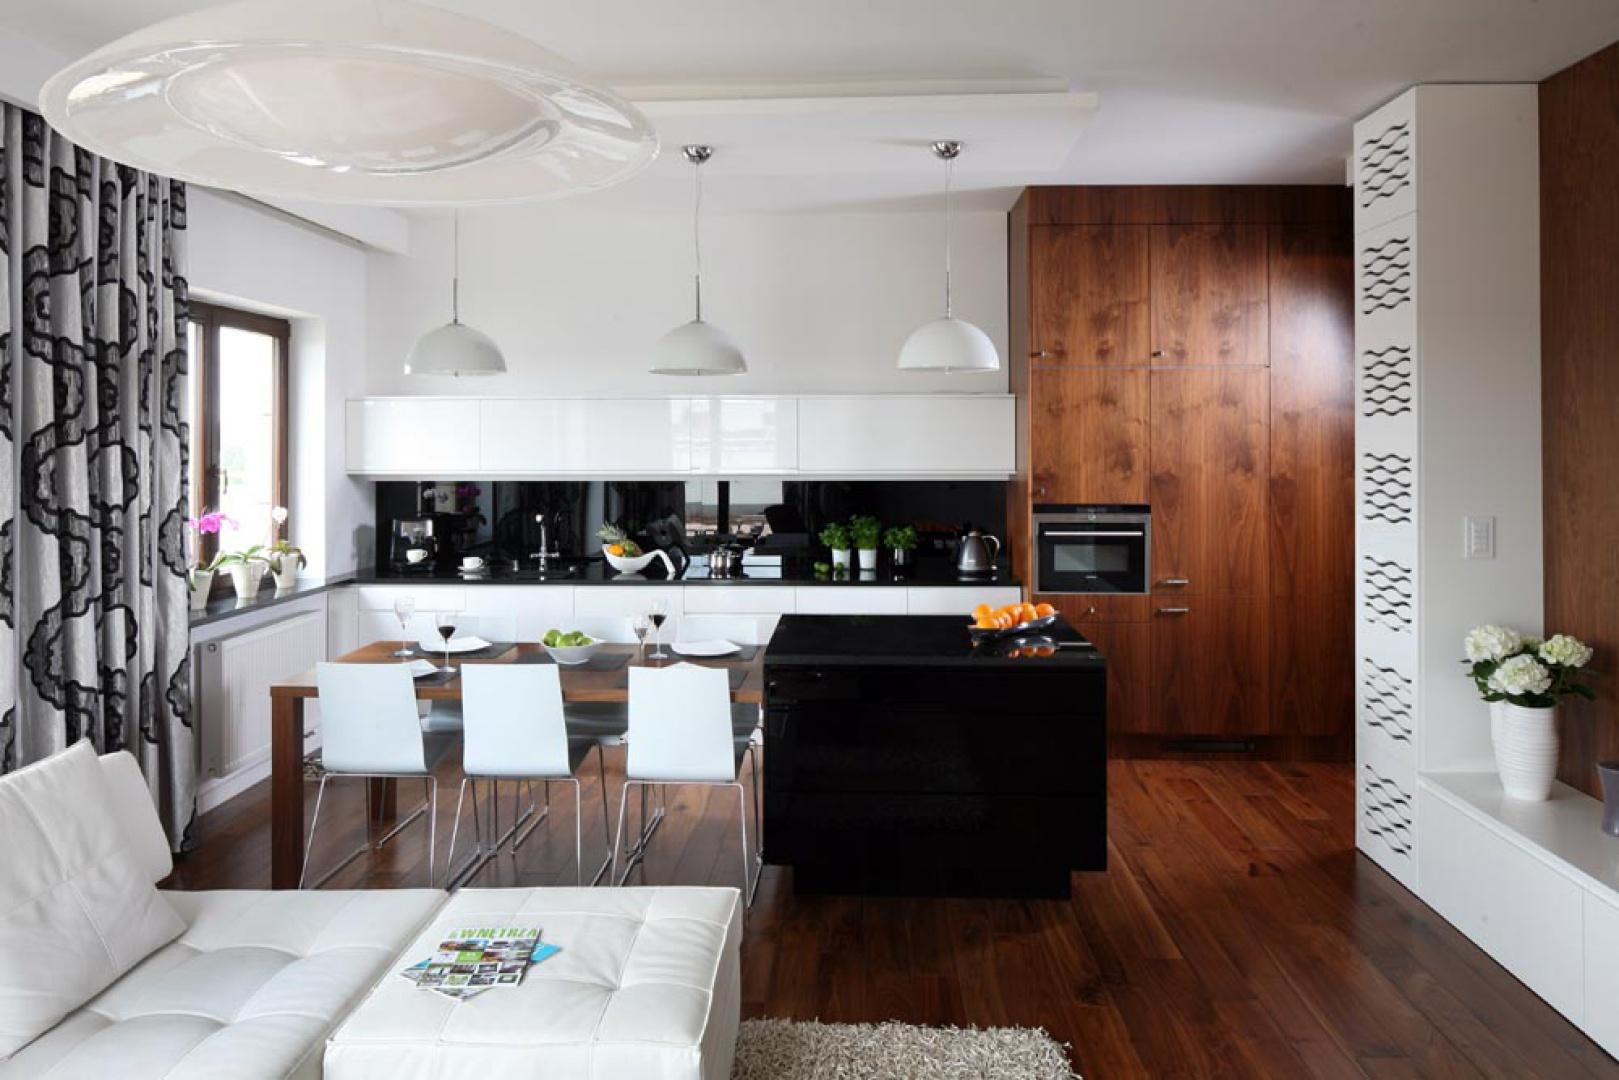 Wnętrze miało być funkcjonalne, czyste, proste i uporządkowane. I takie właśnie jest! Dopracowane do perfekcji dosłownie w każdym metrze. Fot. Bartosz Jarosz.